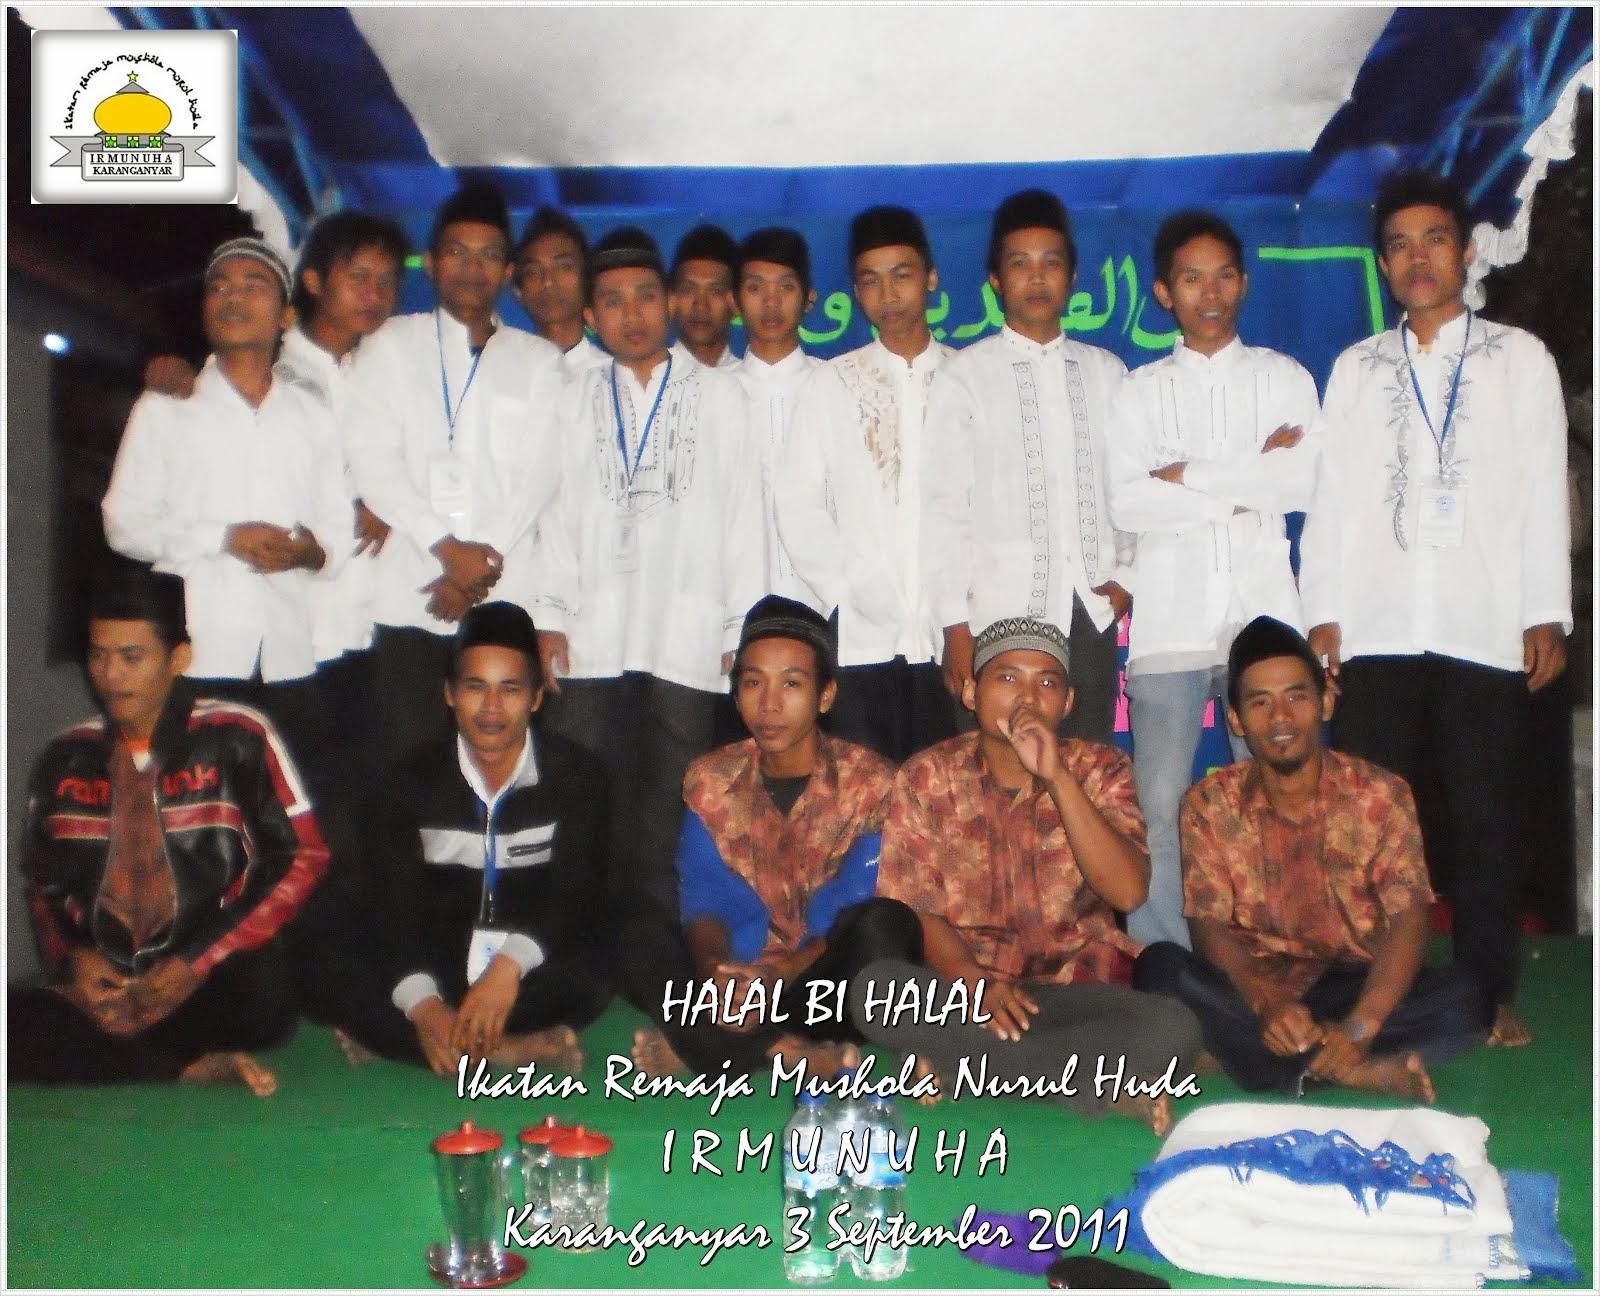 Halal Bihalal 2011